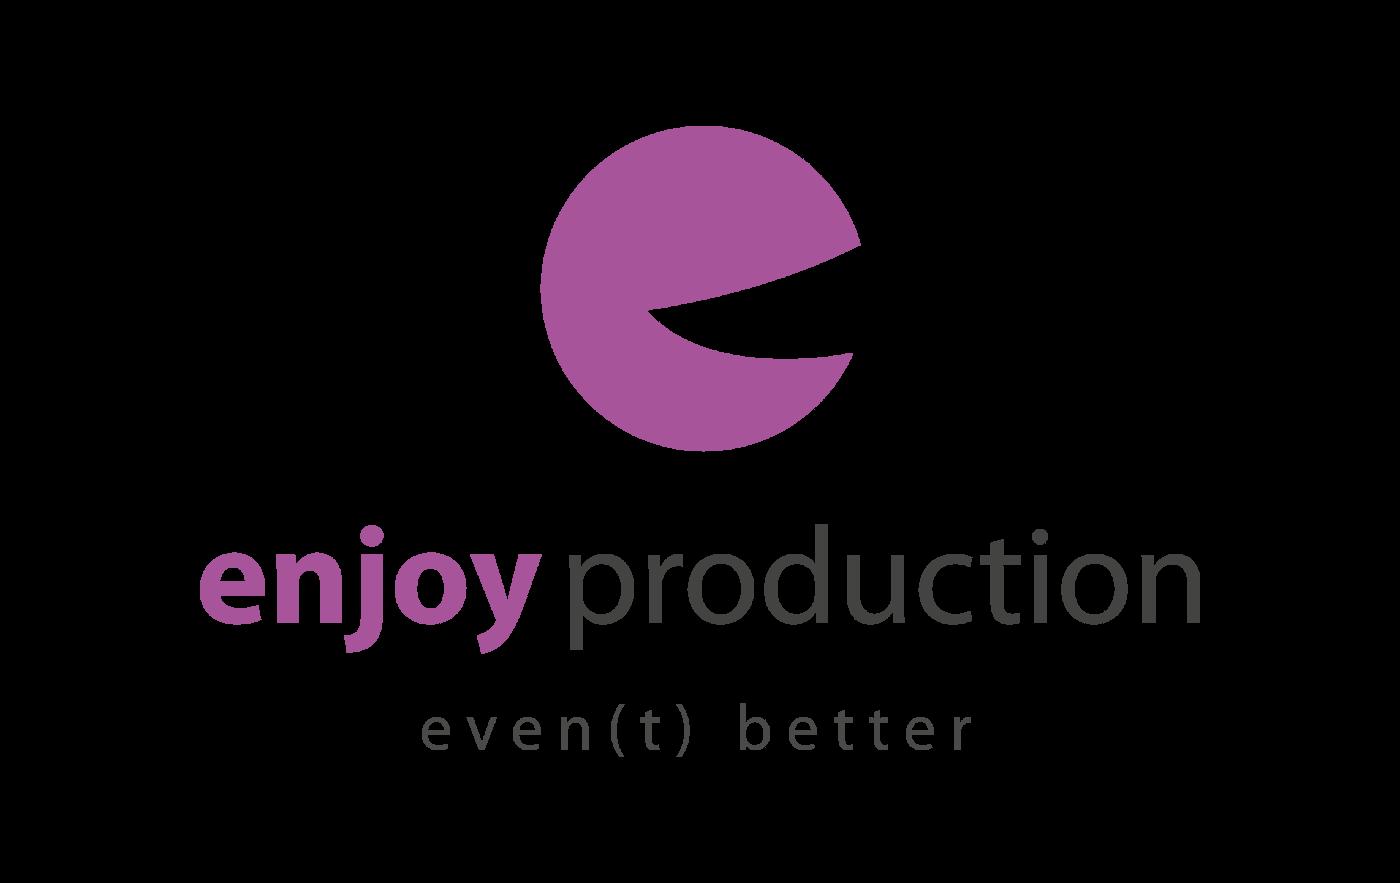 Enjoy production. Ti, kteří tvoří zážitky